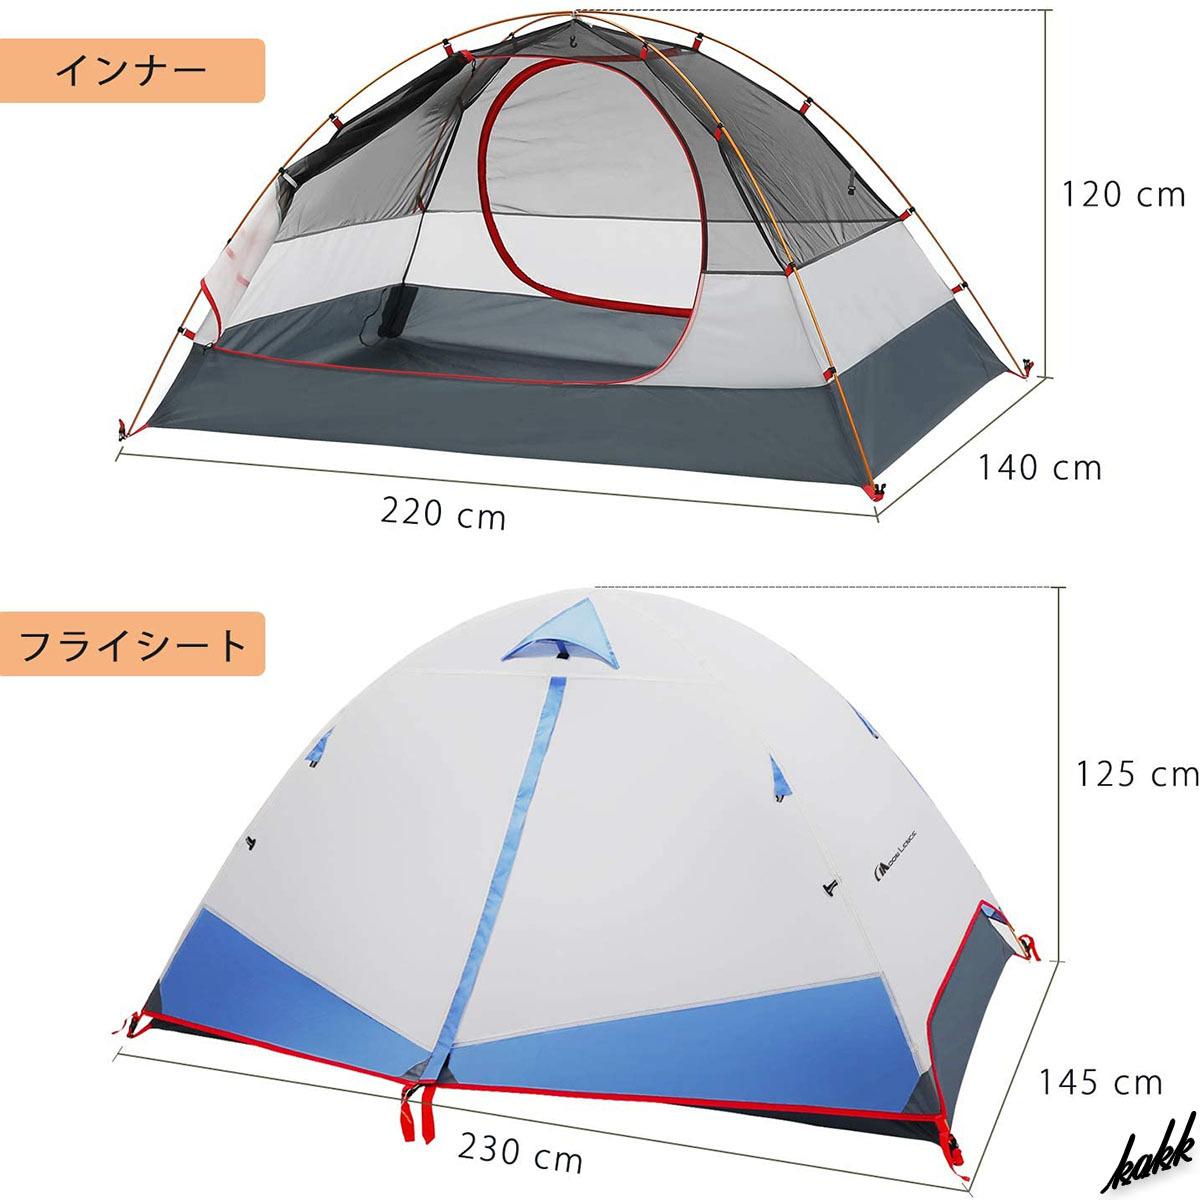 【ゆったりサイズのソロ用テント】 自立式 メッシュ素材 ベンチレーター 軽量 コンパクト ソロ ツーリング アウトドア キャンプ ブルー